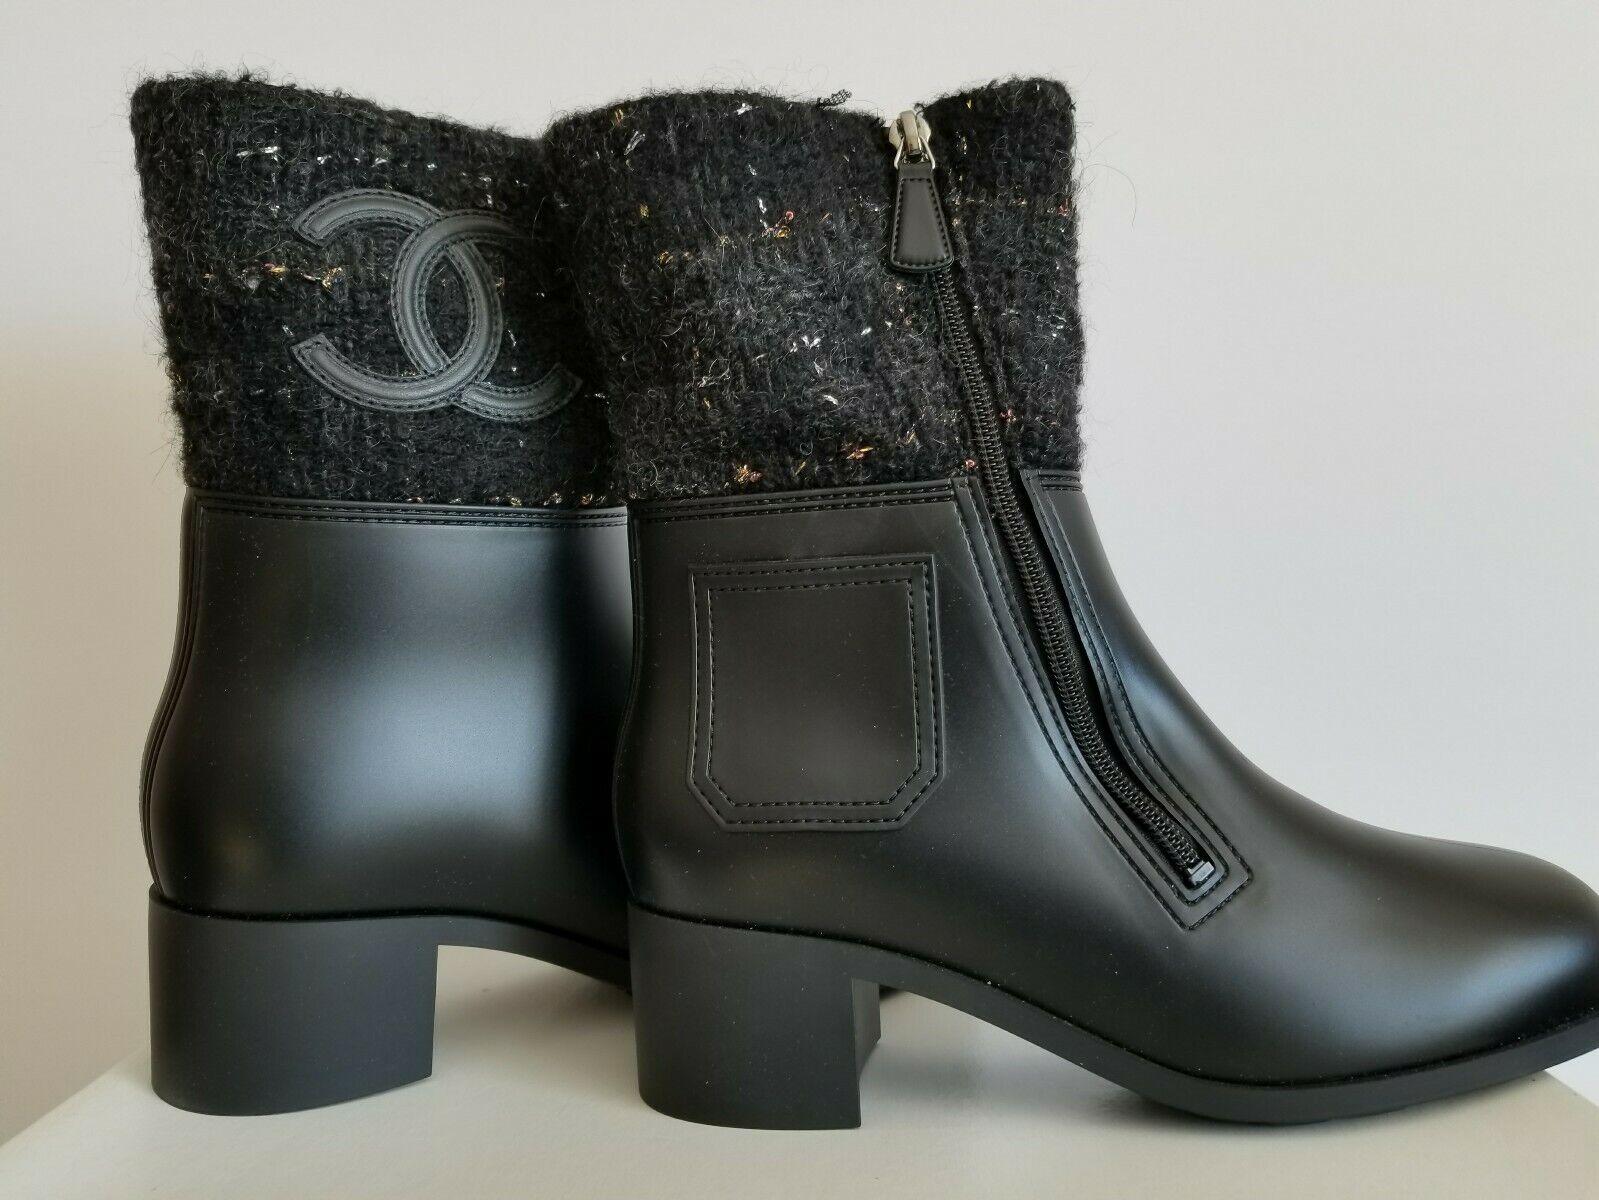 CHANEL RAIN RUN CC LOGO PVC TWEED POCKET ZIPPER BOOTS EU 40 I LOVE SHOES OMG